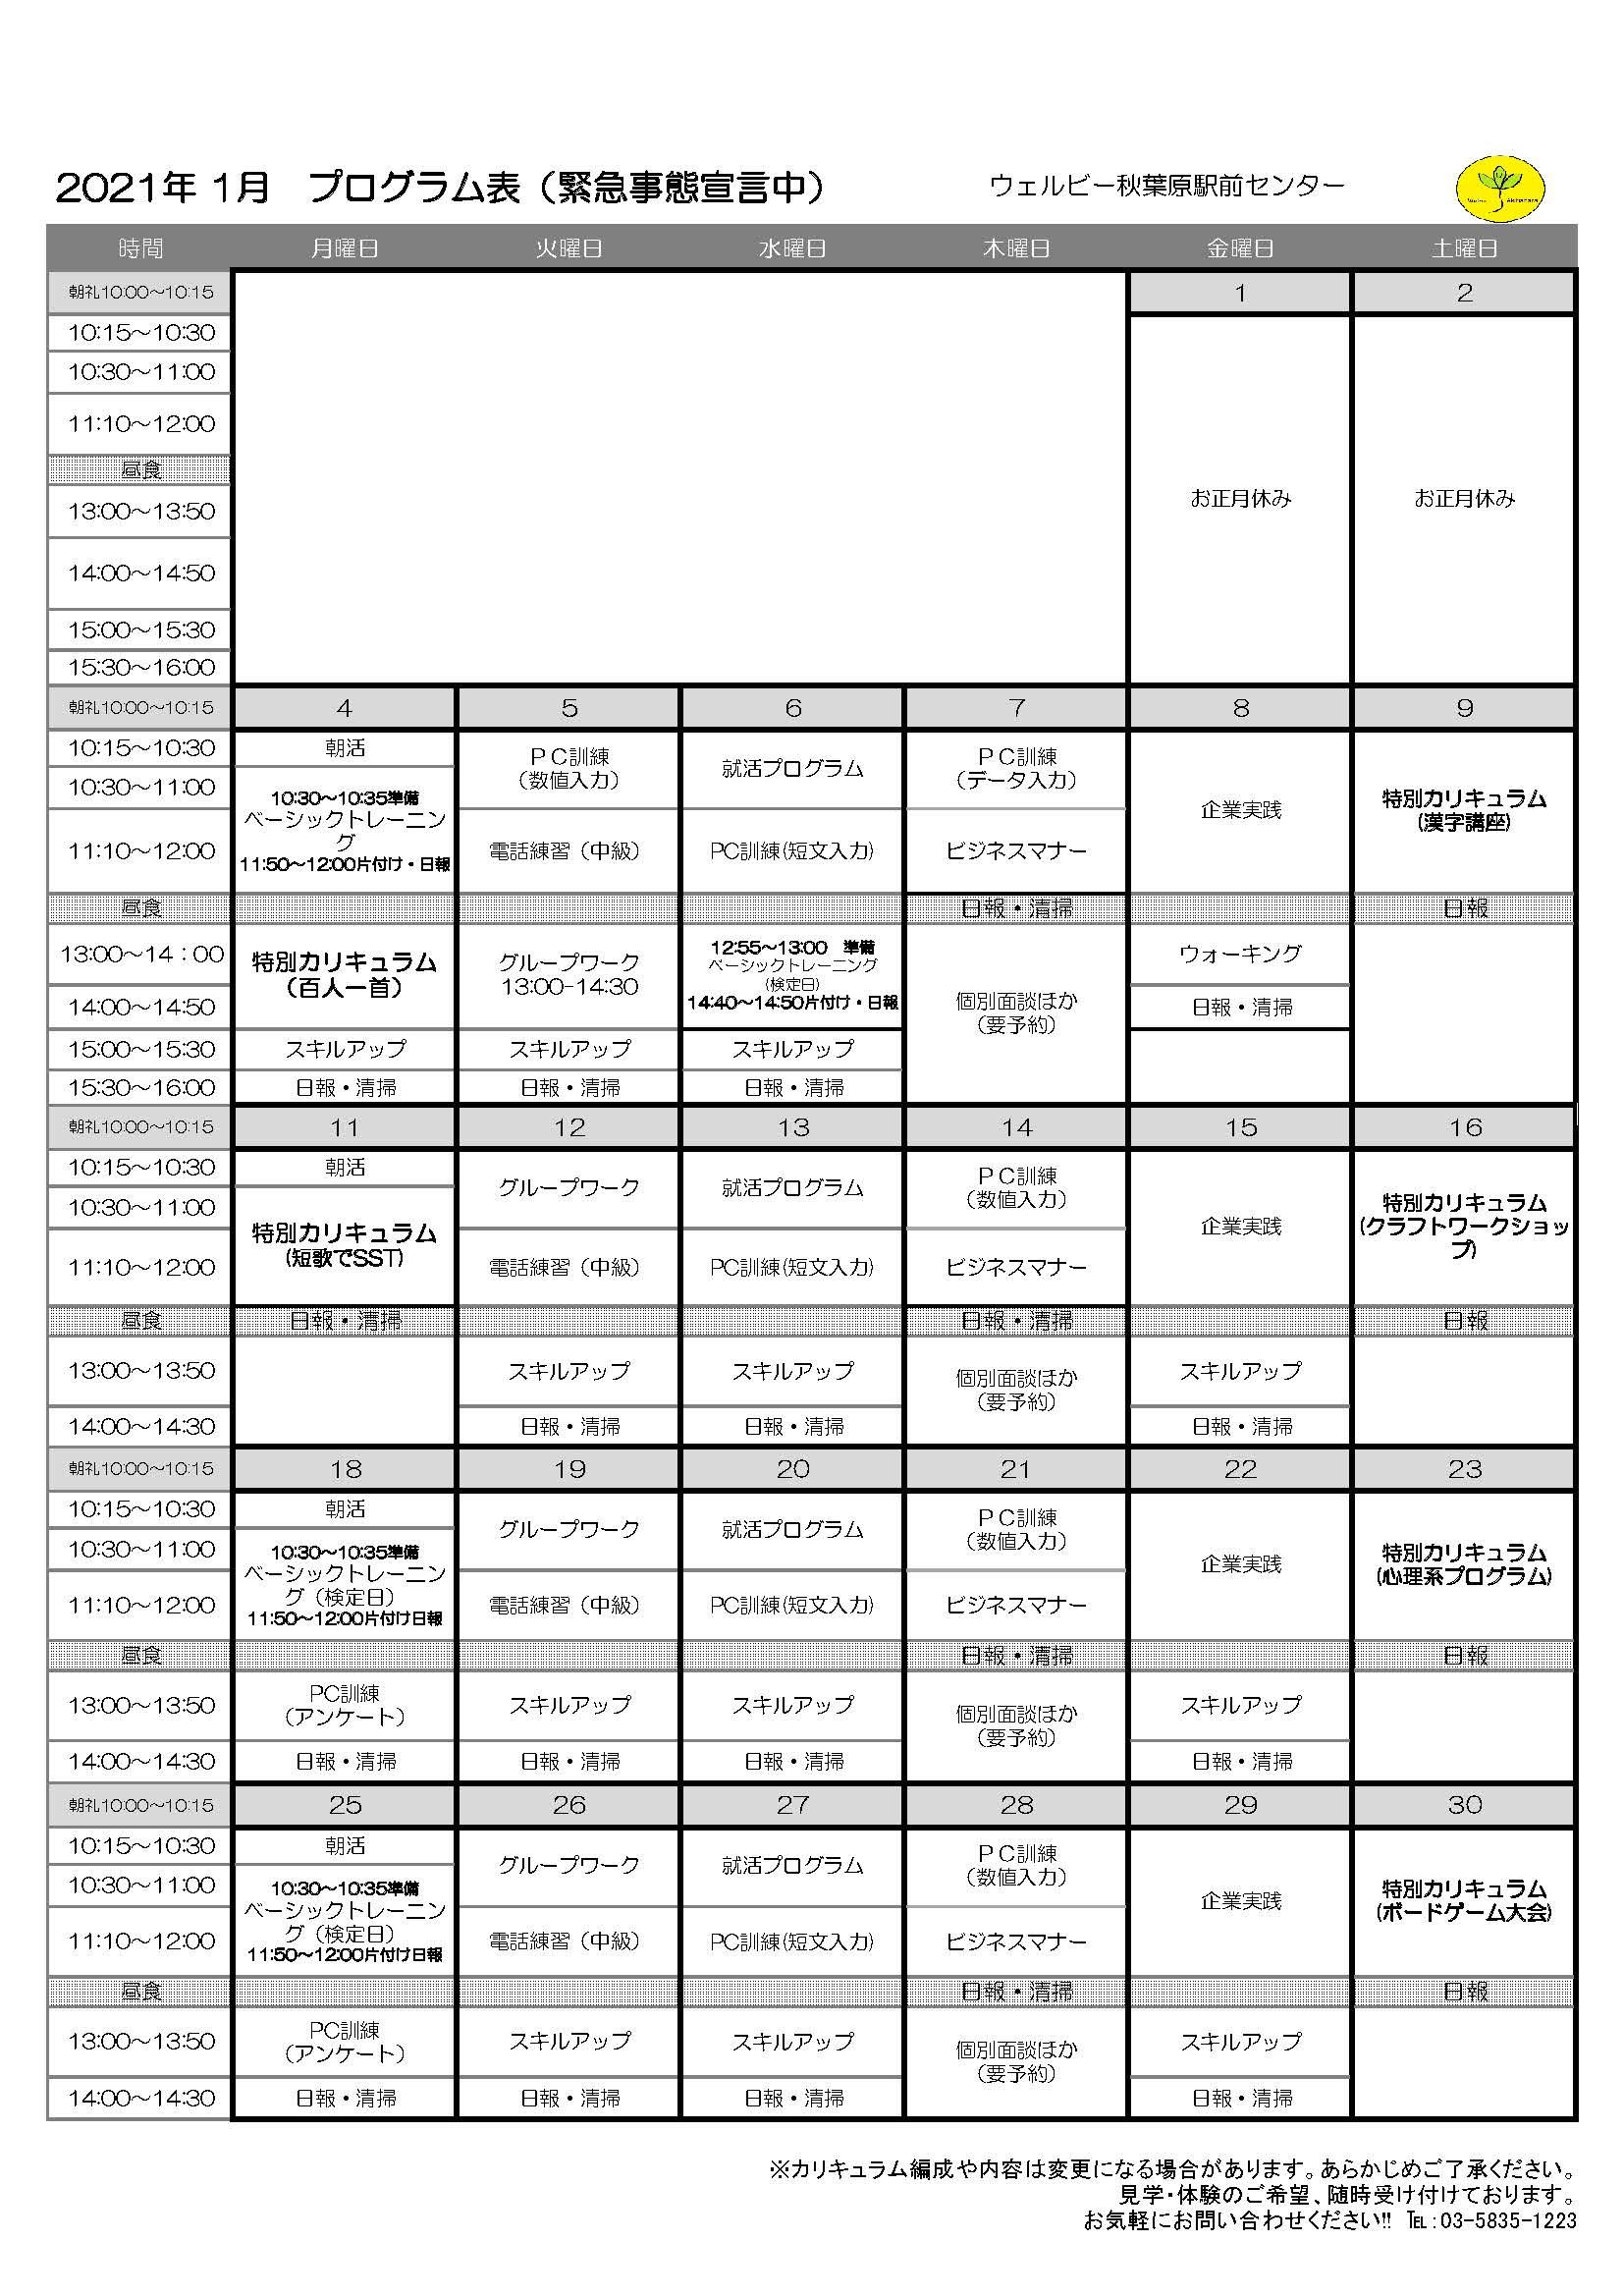 月間プログラム表(201901~)